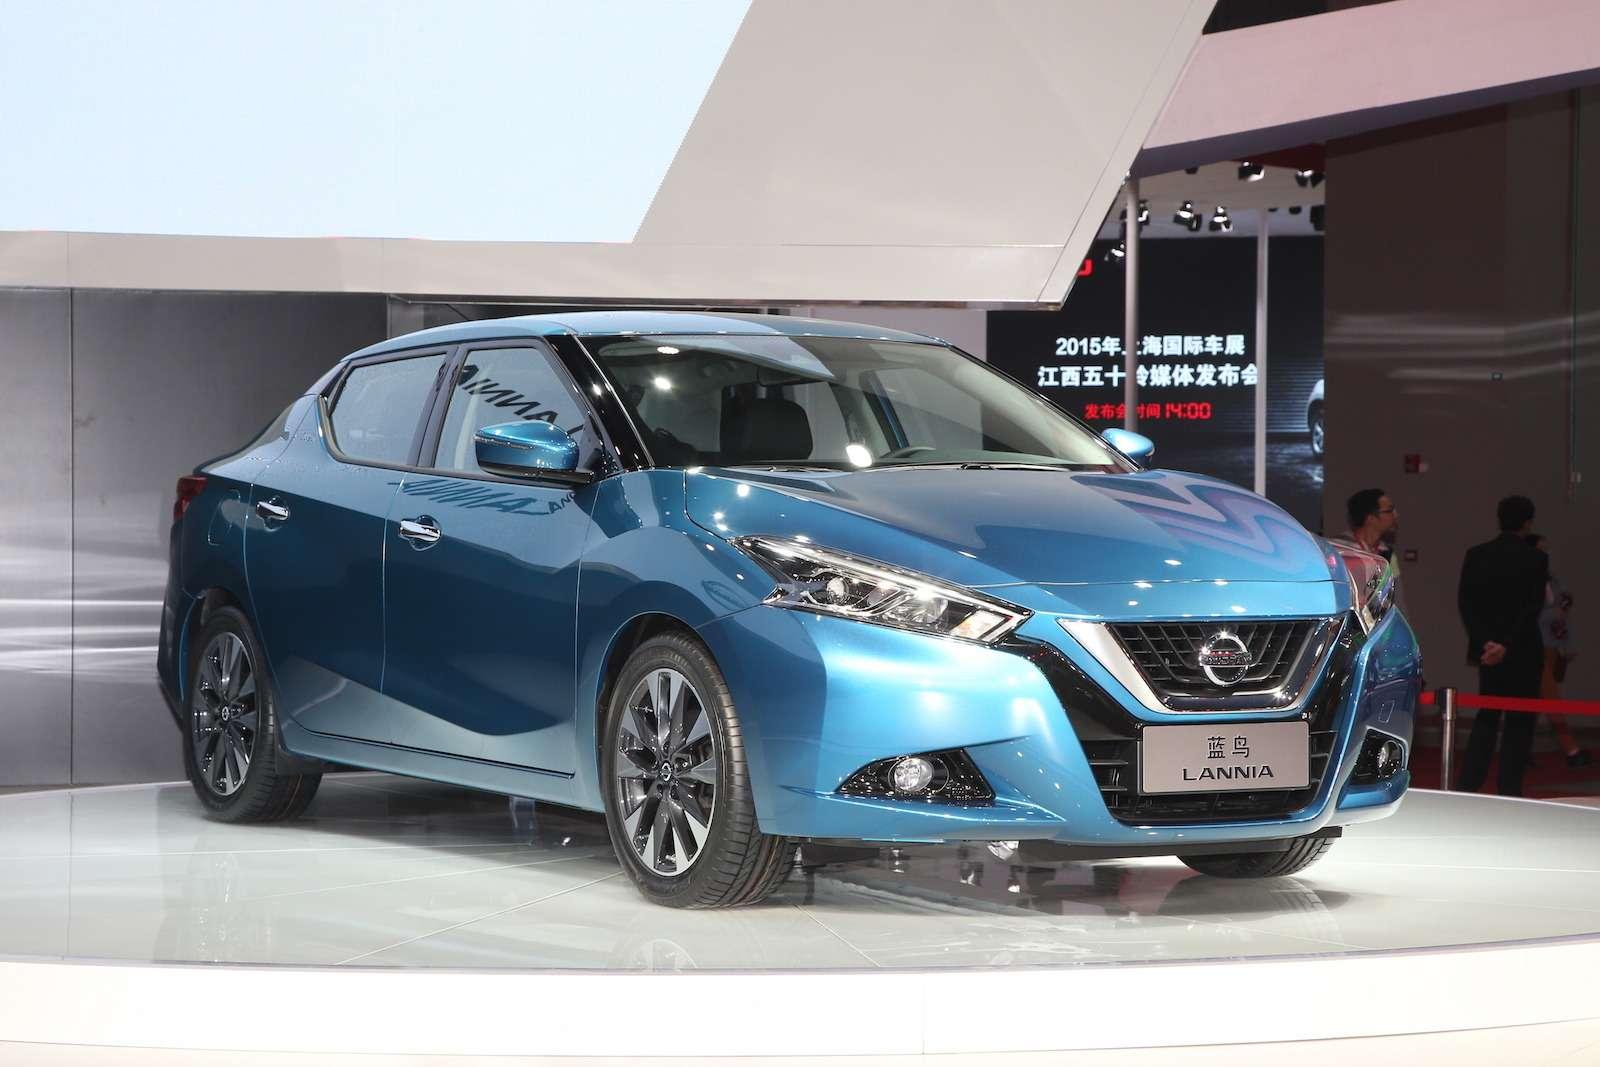 Nissan Lannia_2